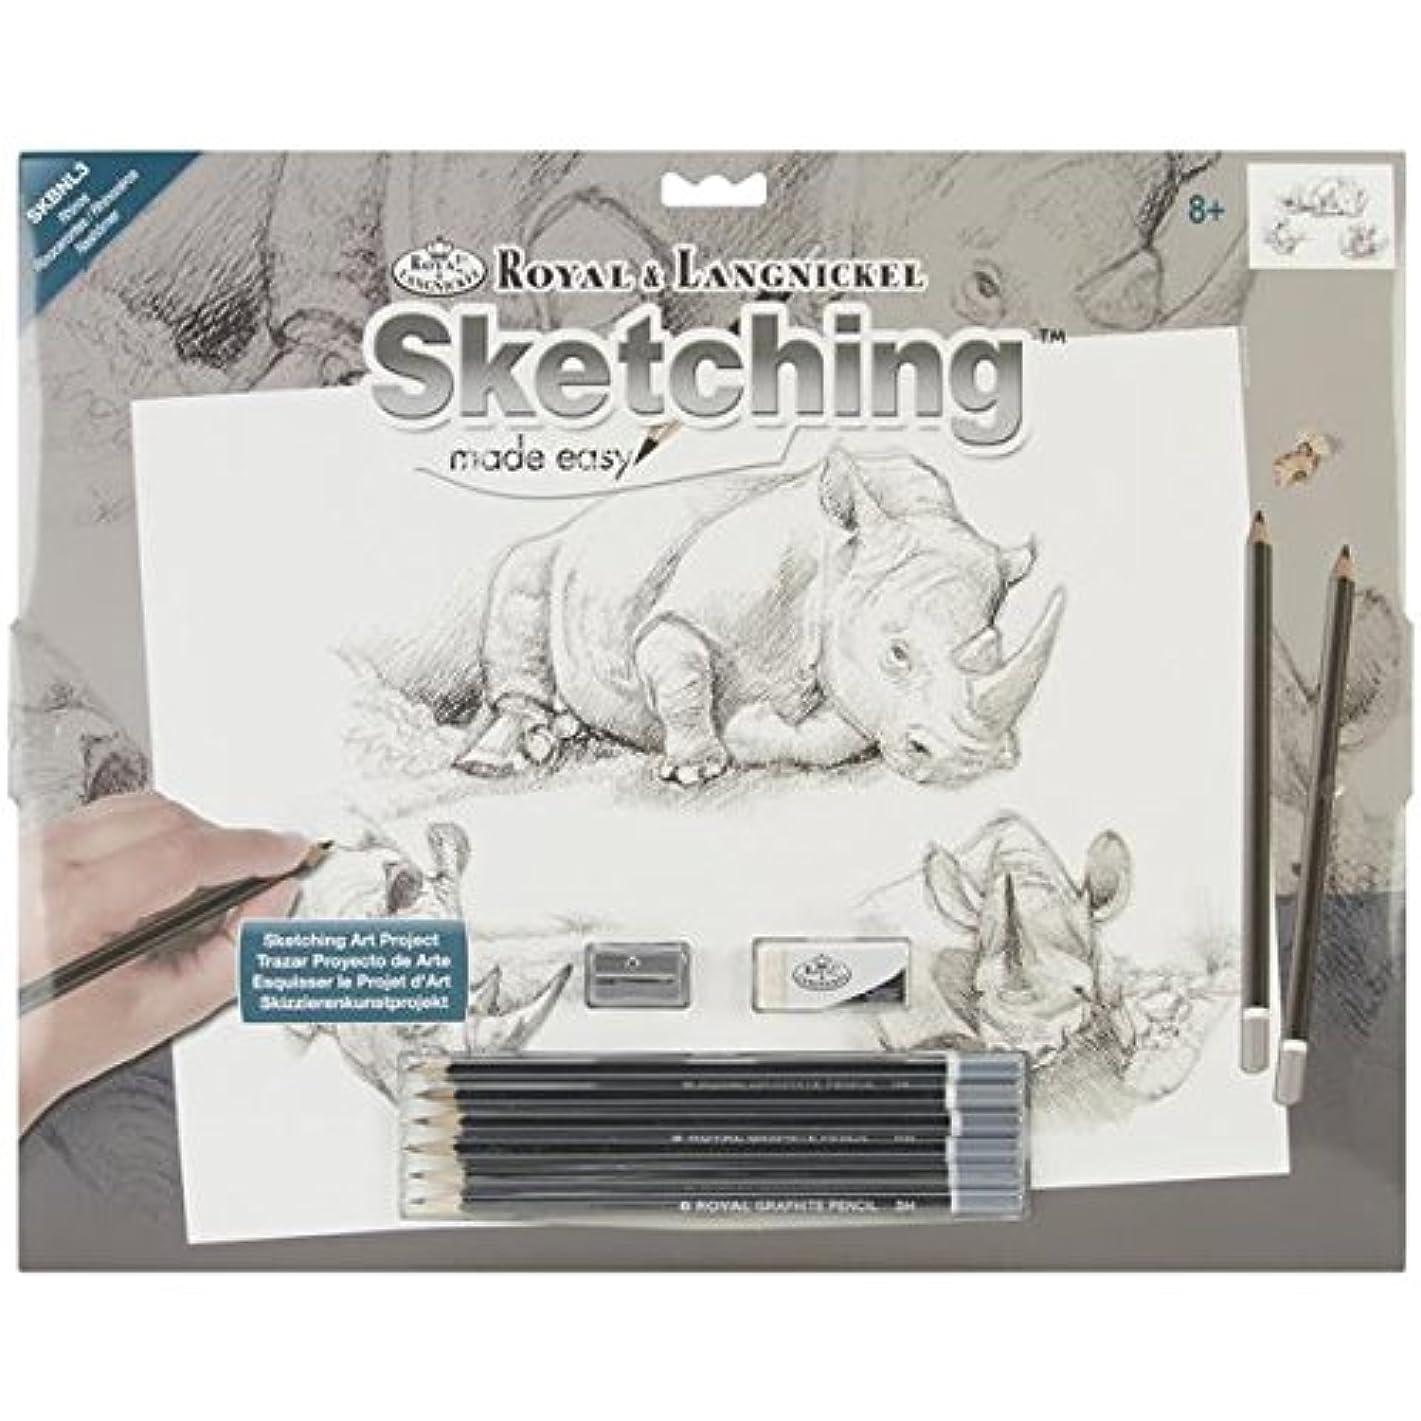 ROYAL BRUSH Sketching Made Easy Kit, Large, Rhinos